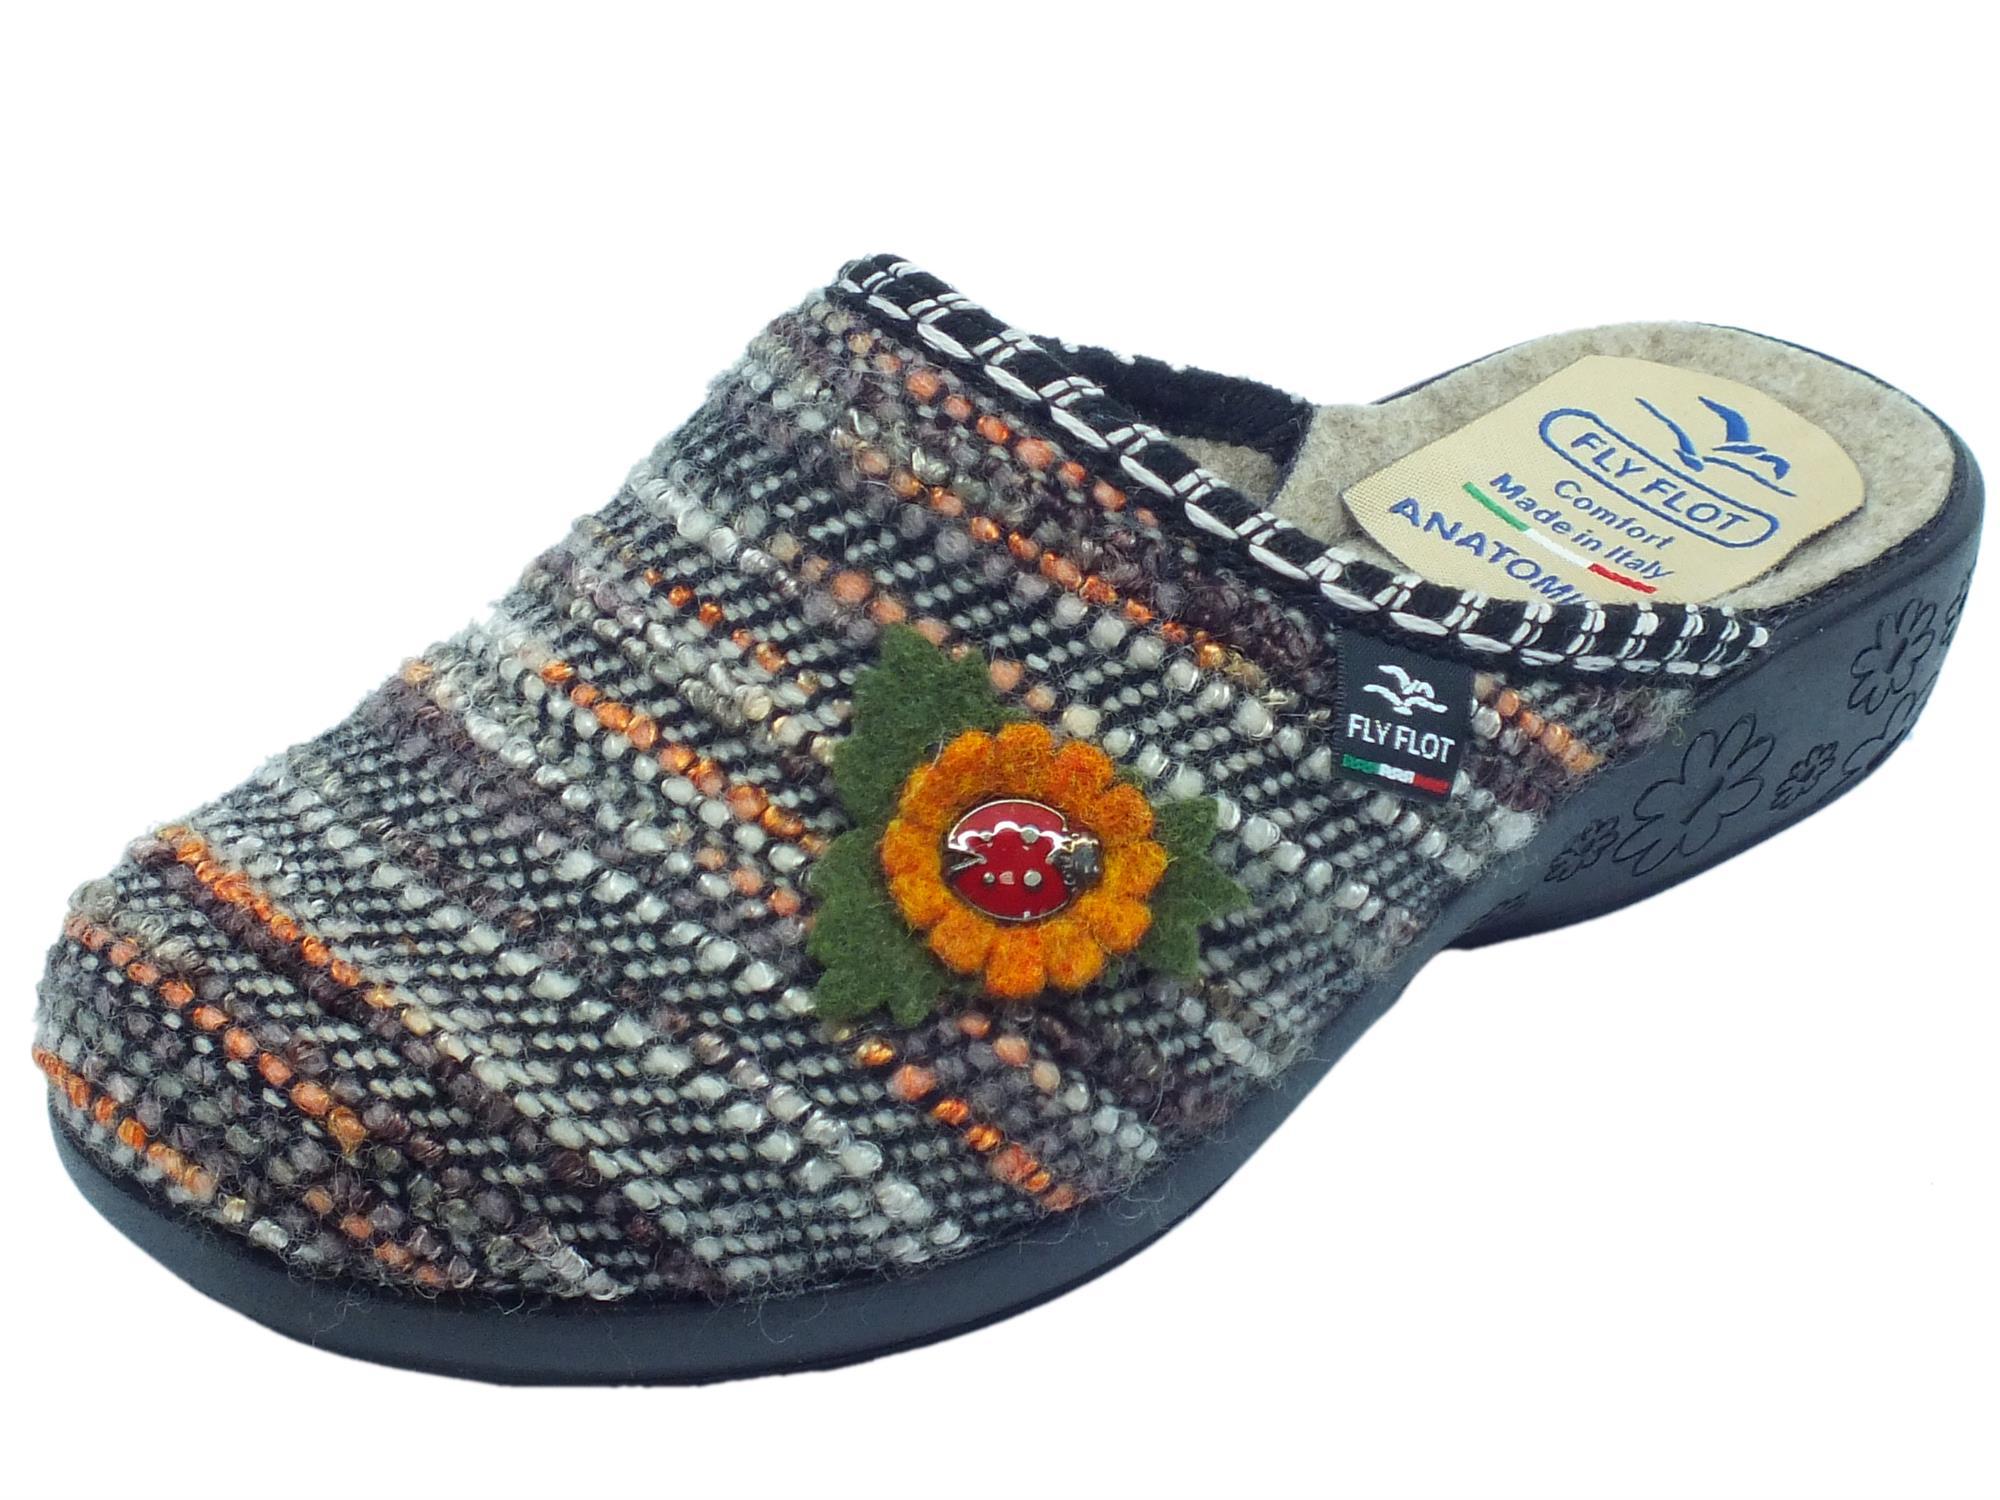 Pantofole Fly Flot per donna in tessuto cucito multicolore marrone con fiore b89a48b05ae